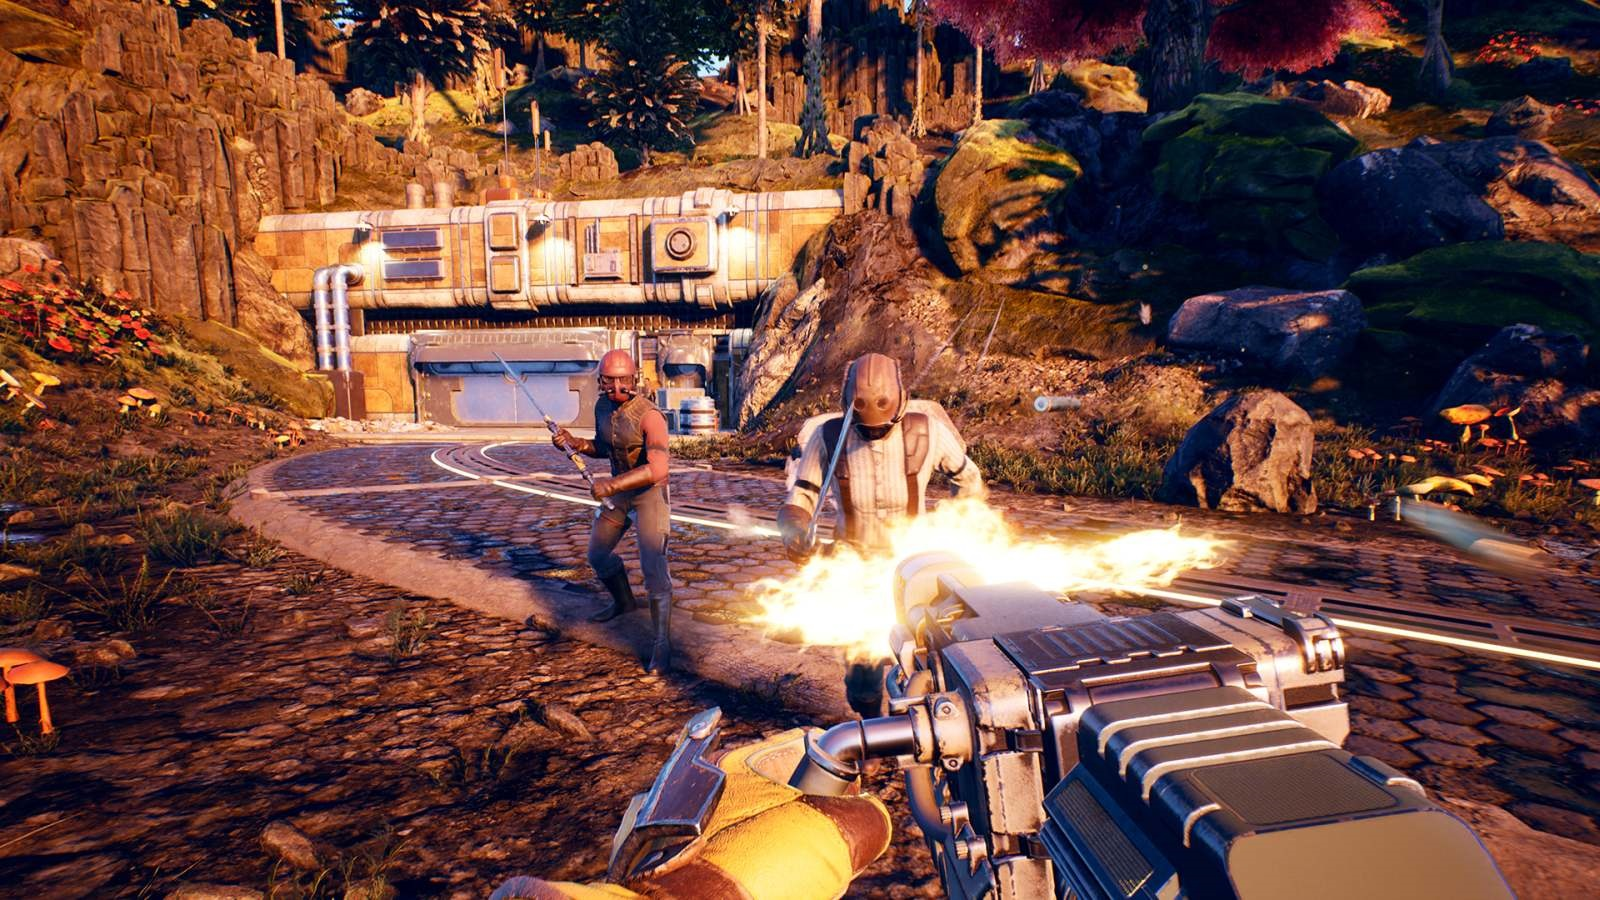 Nejočekávanější hry v roce 2019; The Outer Worlds, screenshot: boj